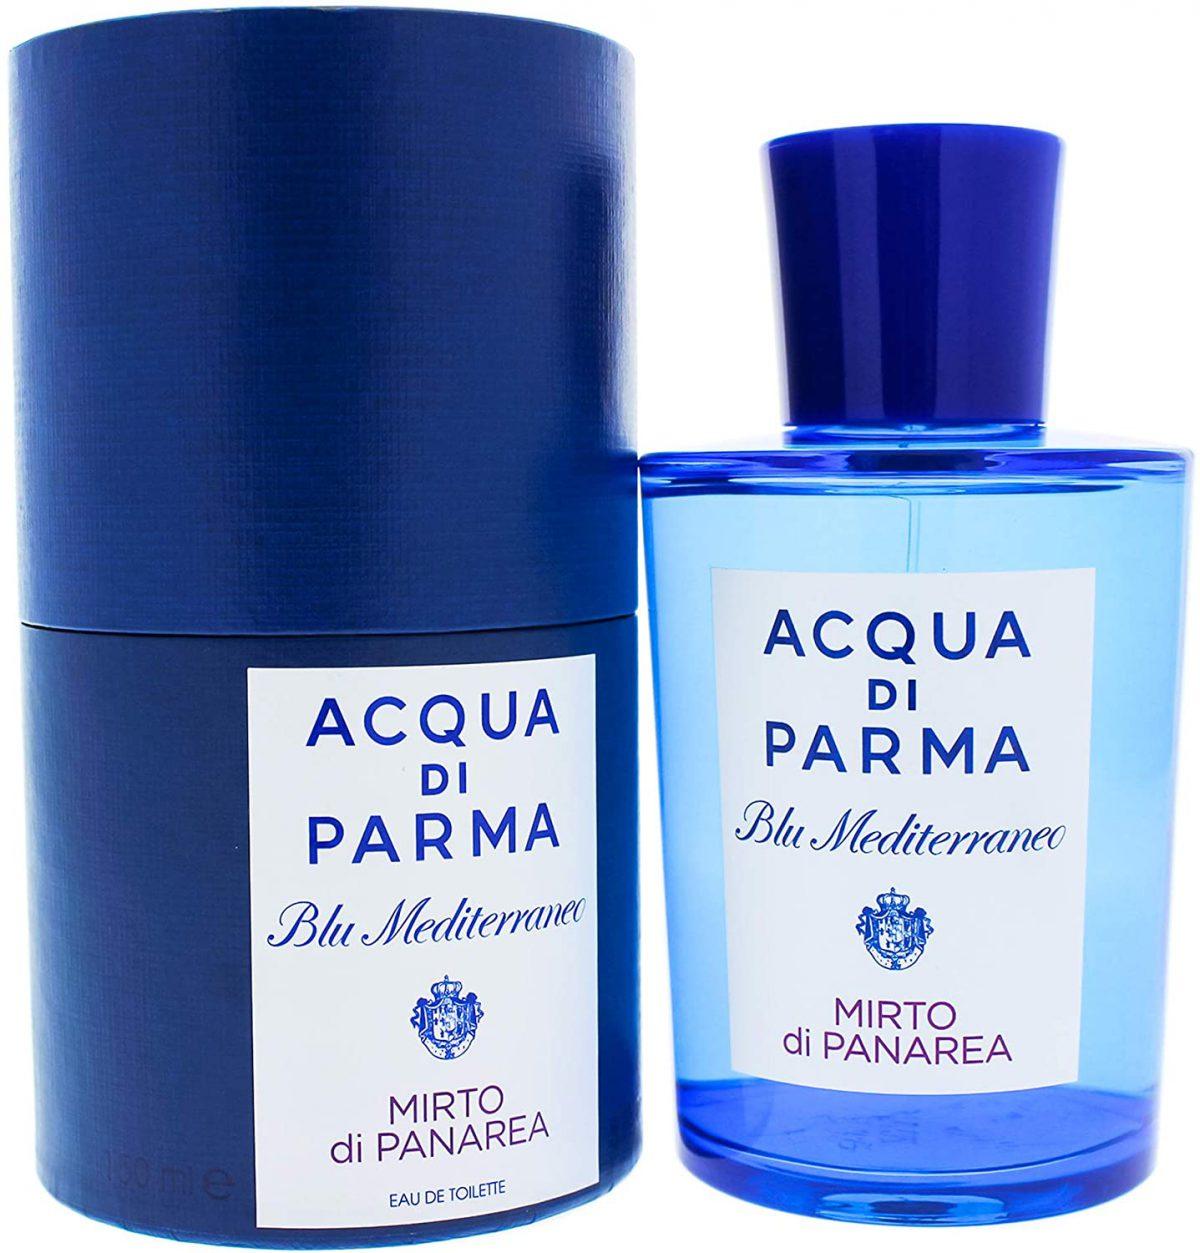 ACQUA DI PARMA BLUE MEDITERRANEO – MIRTO DI PANAREA